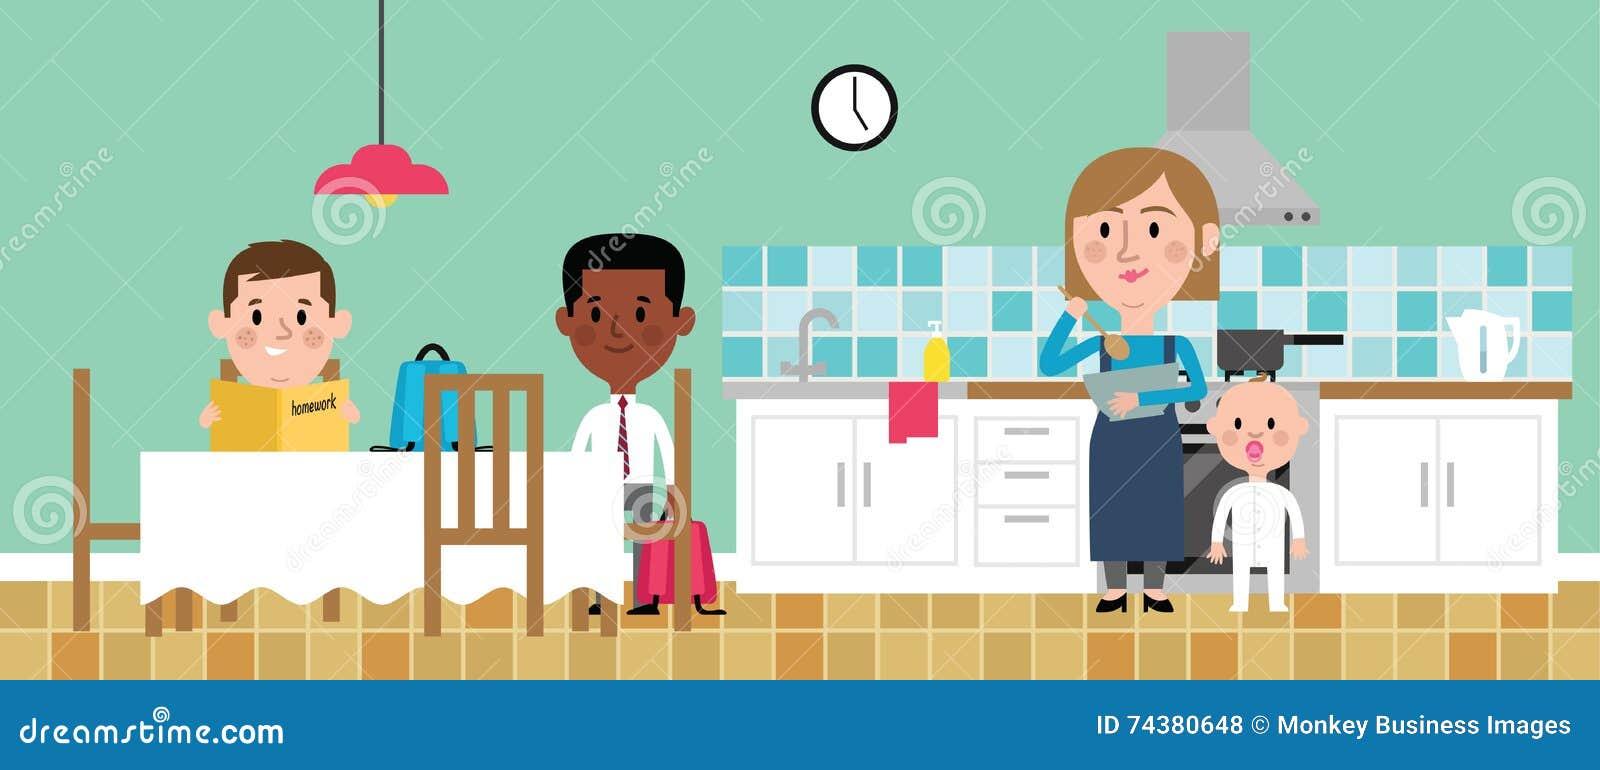 Illustration Of Children Doing Homework In Kitchen Stock Vector ...